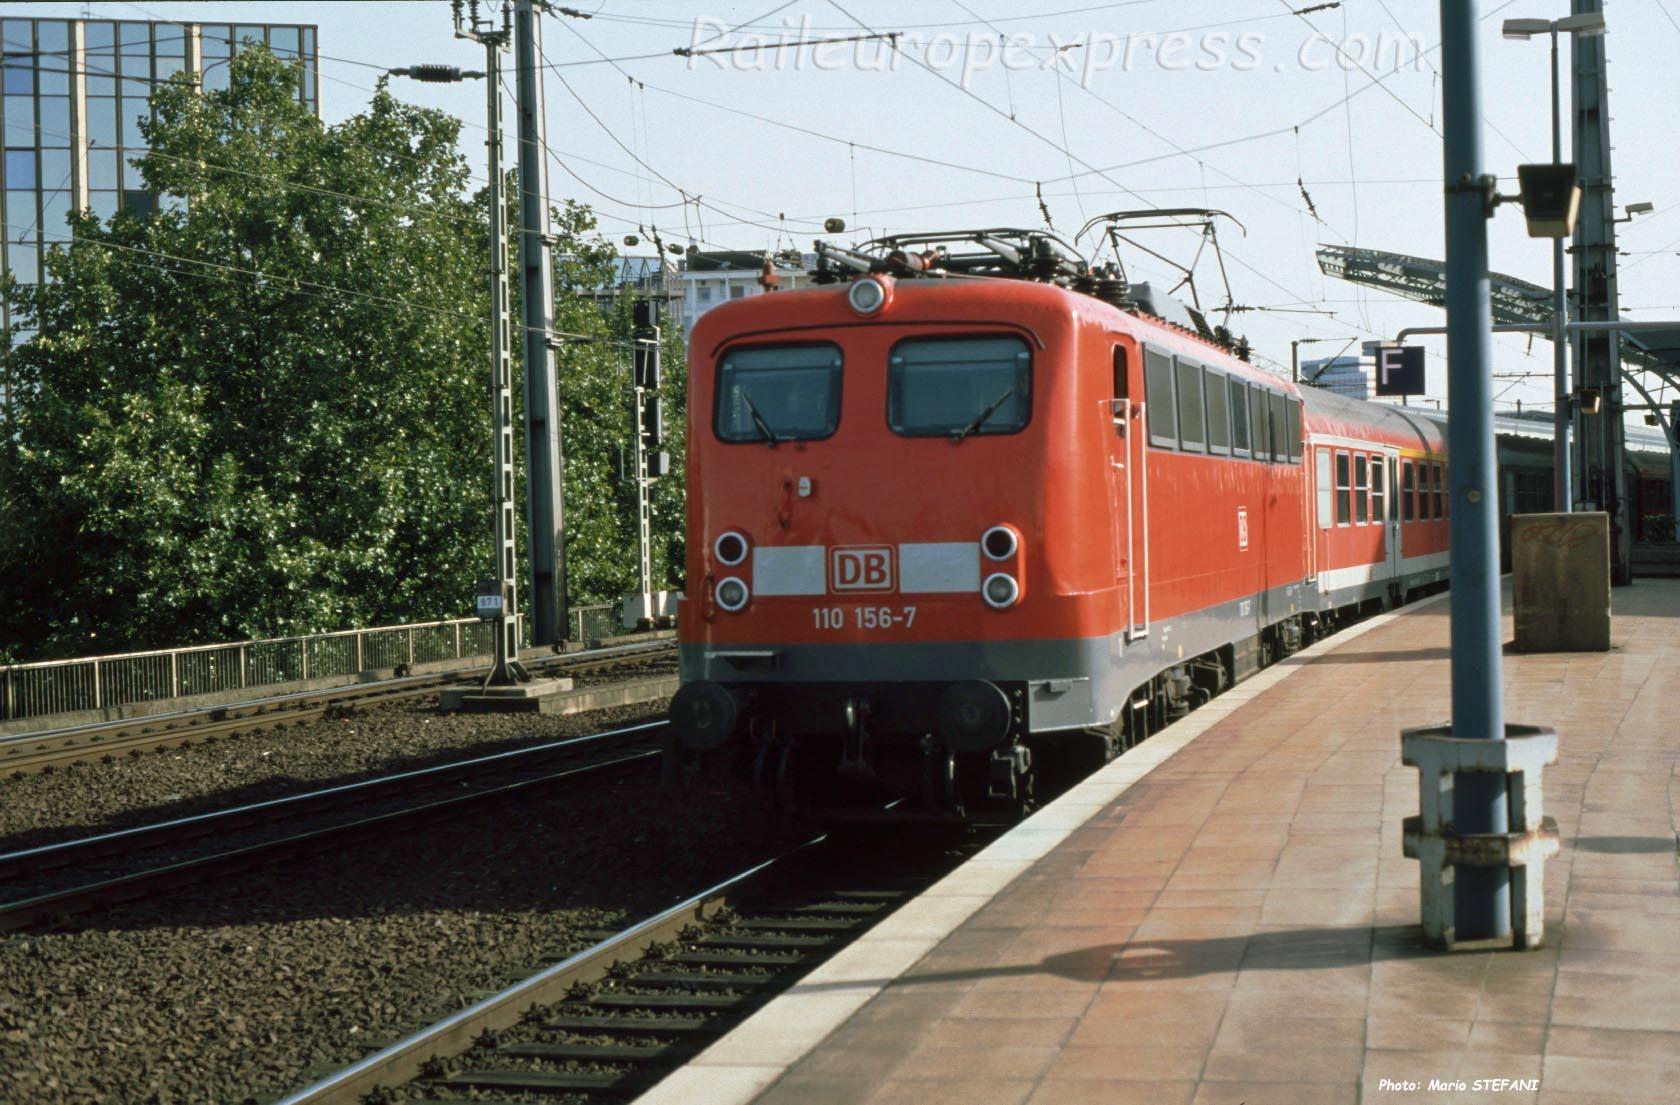 110 156-7 DB à Köln (D)